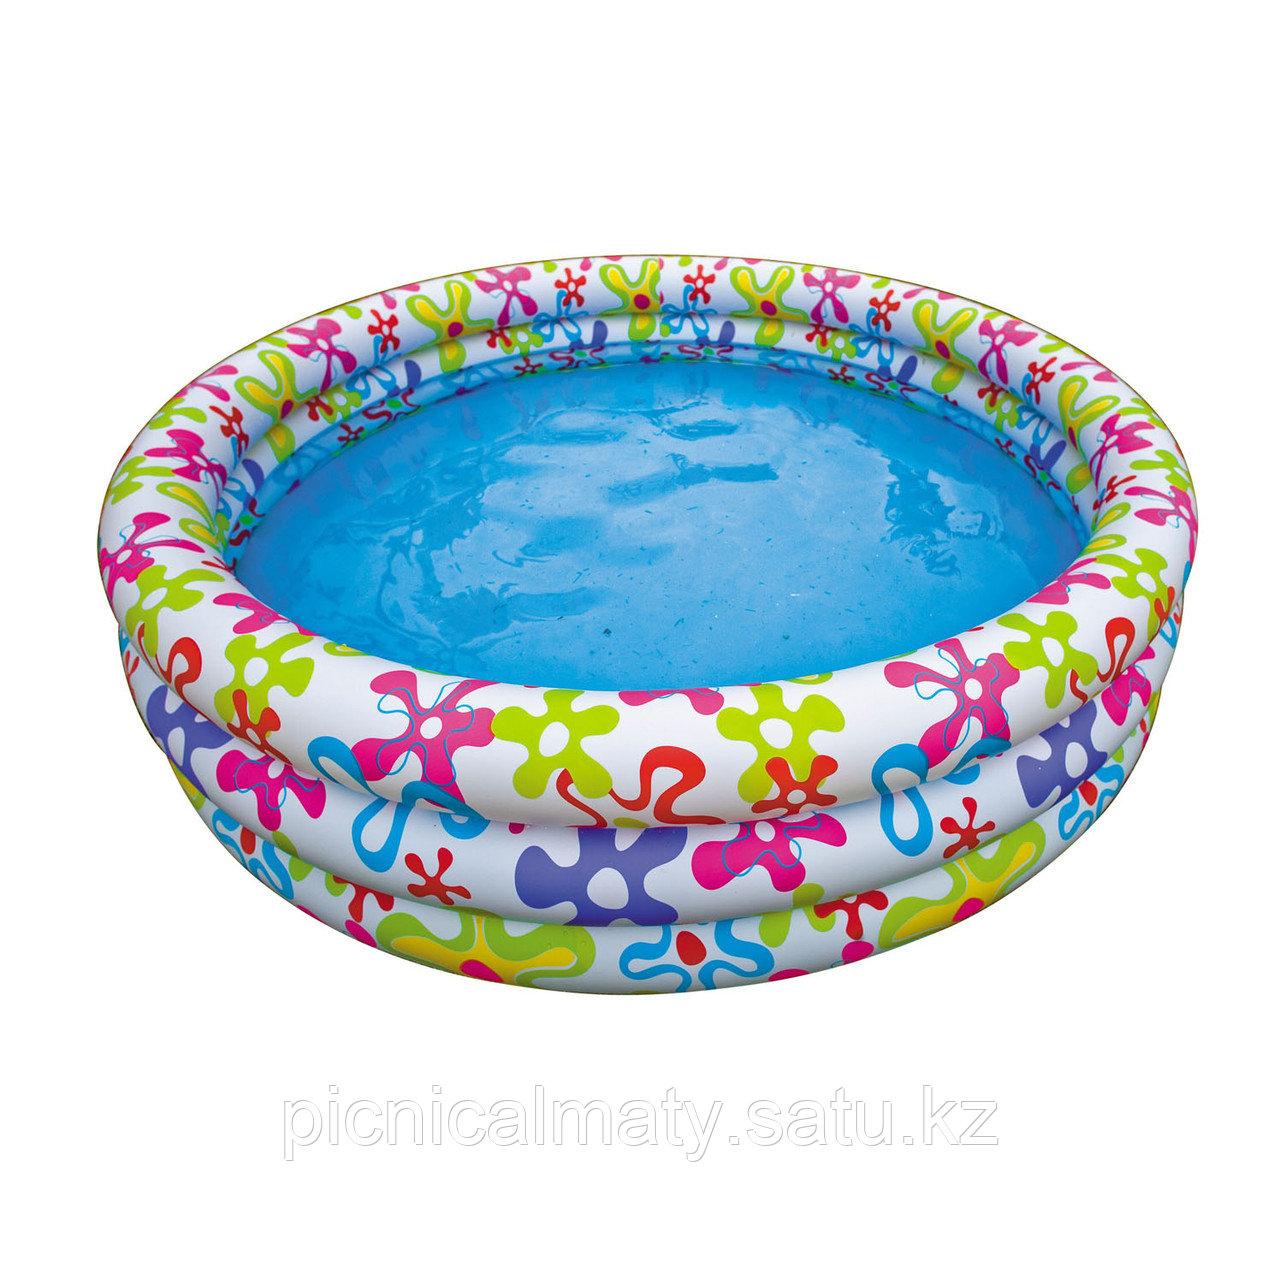 Детский надувной бассейн Intex 56440 (168х41см)